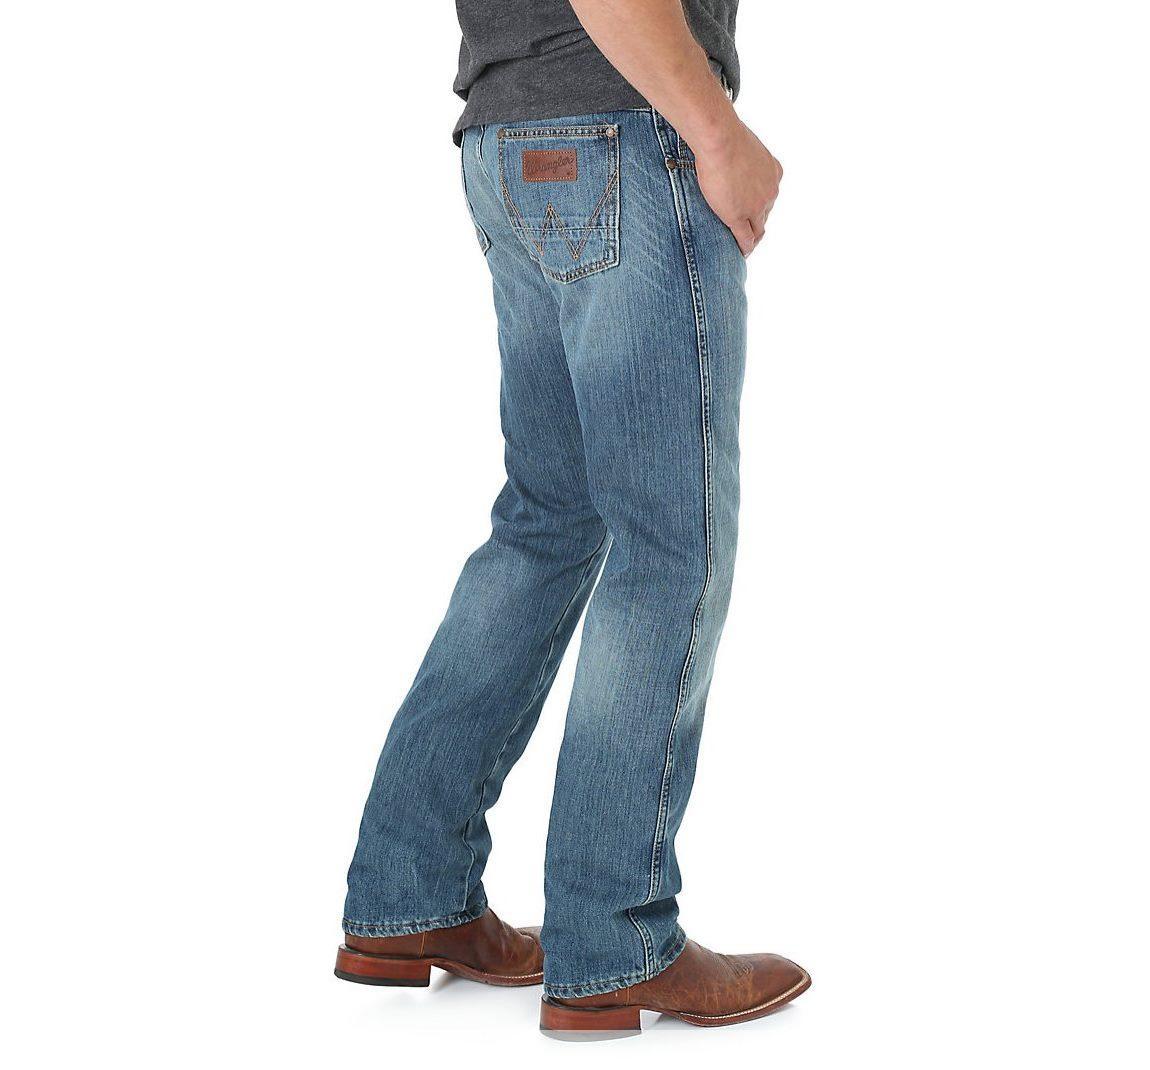 Джинсы мужские Wrangler Slim Fit Rocky Top